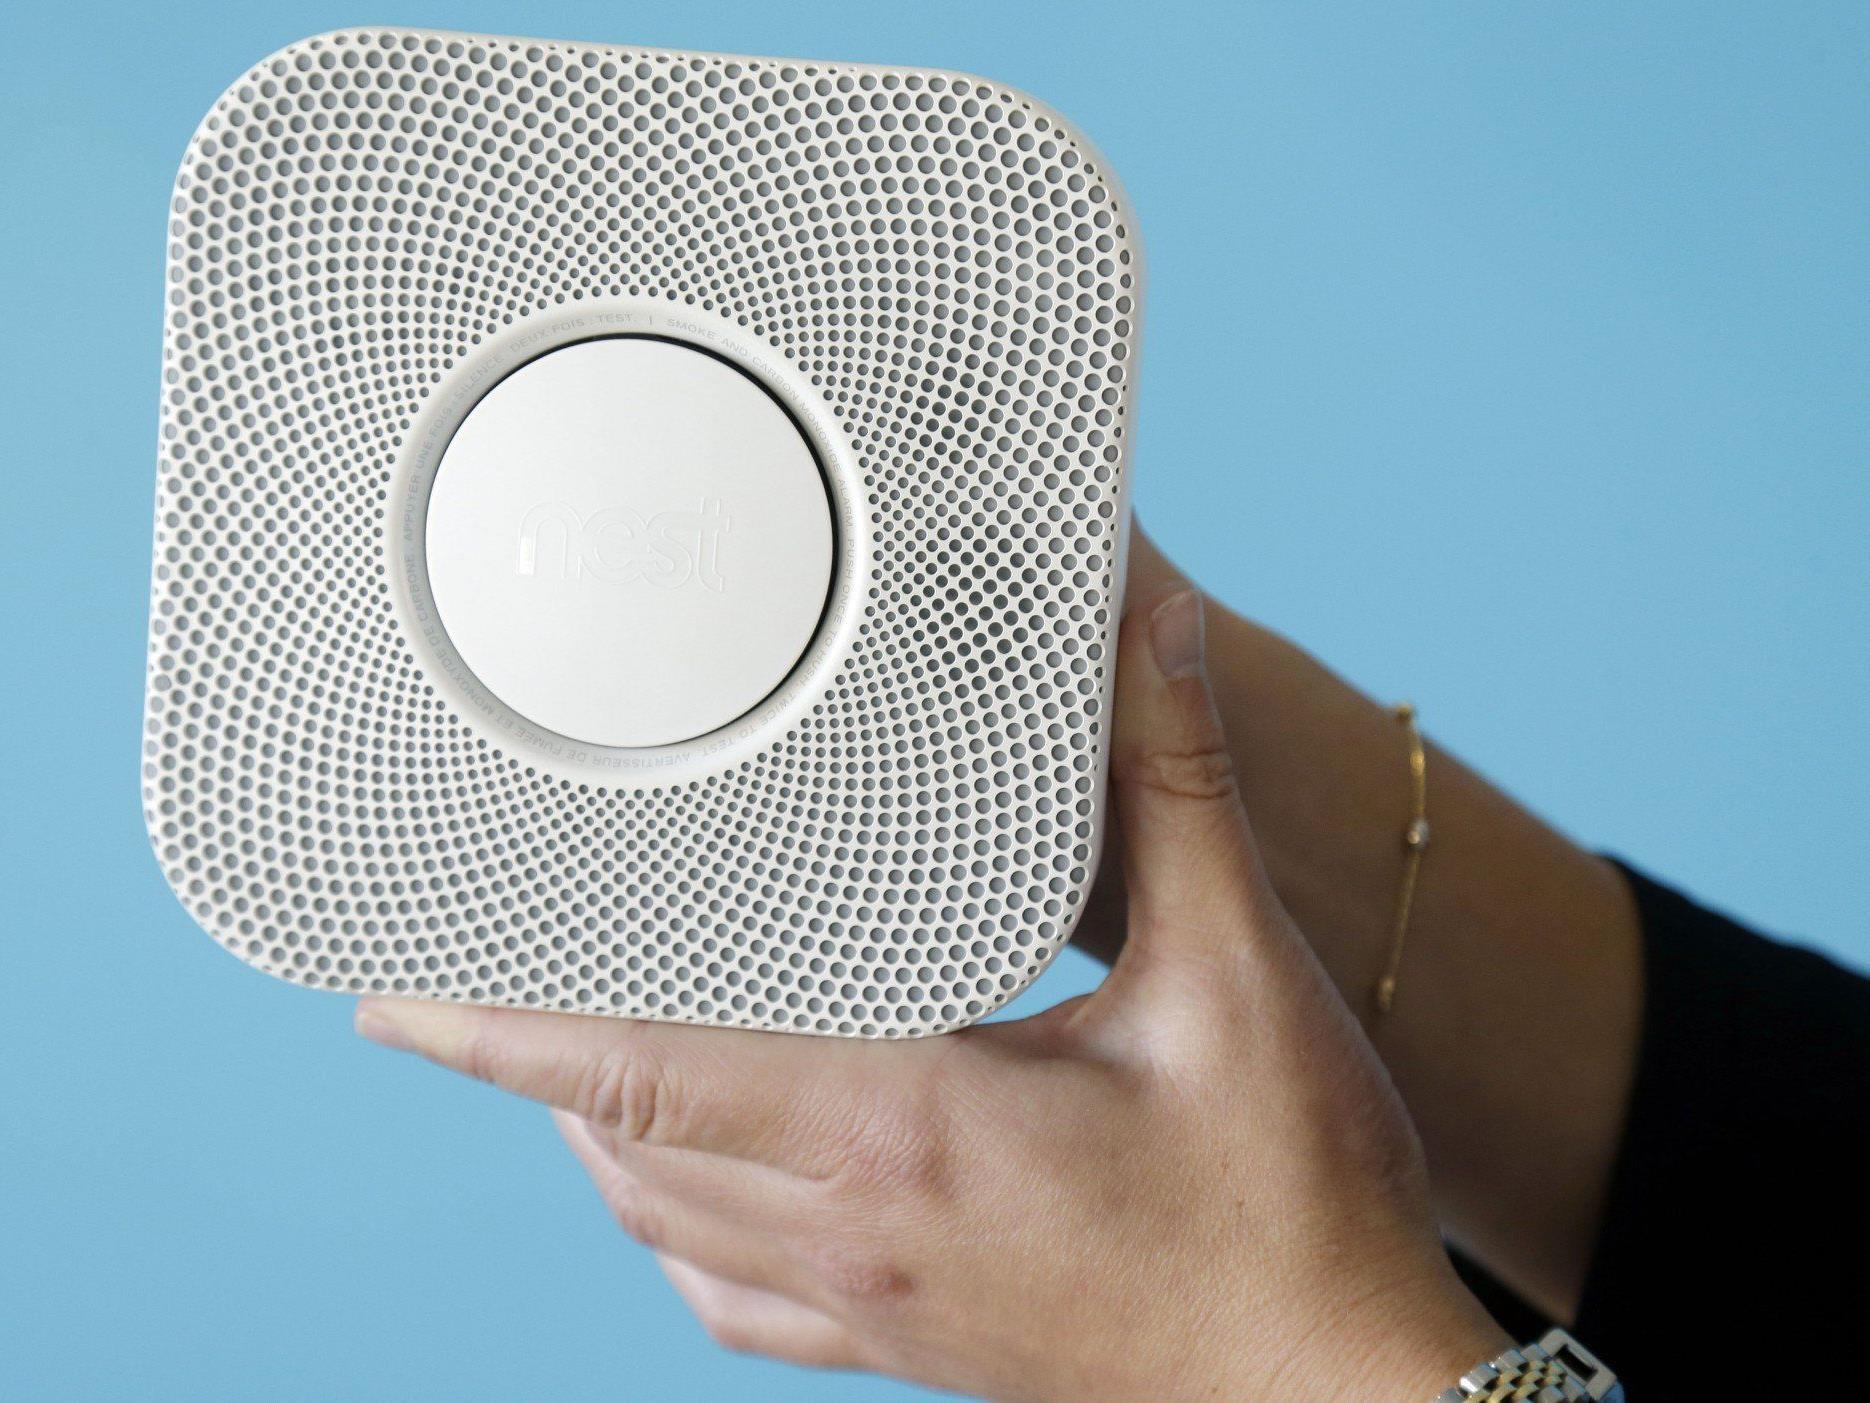 Google zahlt 3,2 Mrd. Dollar für Thermostat-Hersteller Nest Labs.